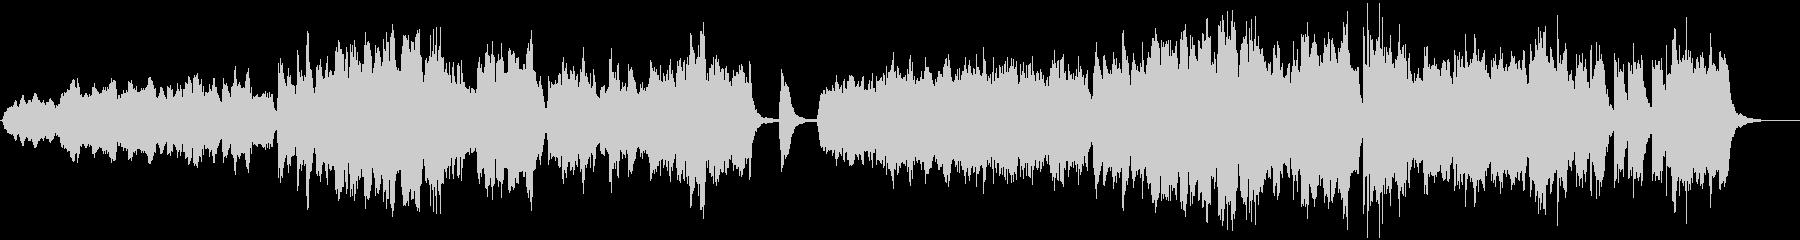 木管楽器が主体の牧歌的なBGMの未再生の波形